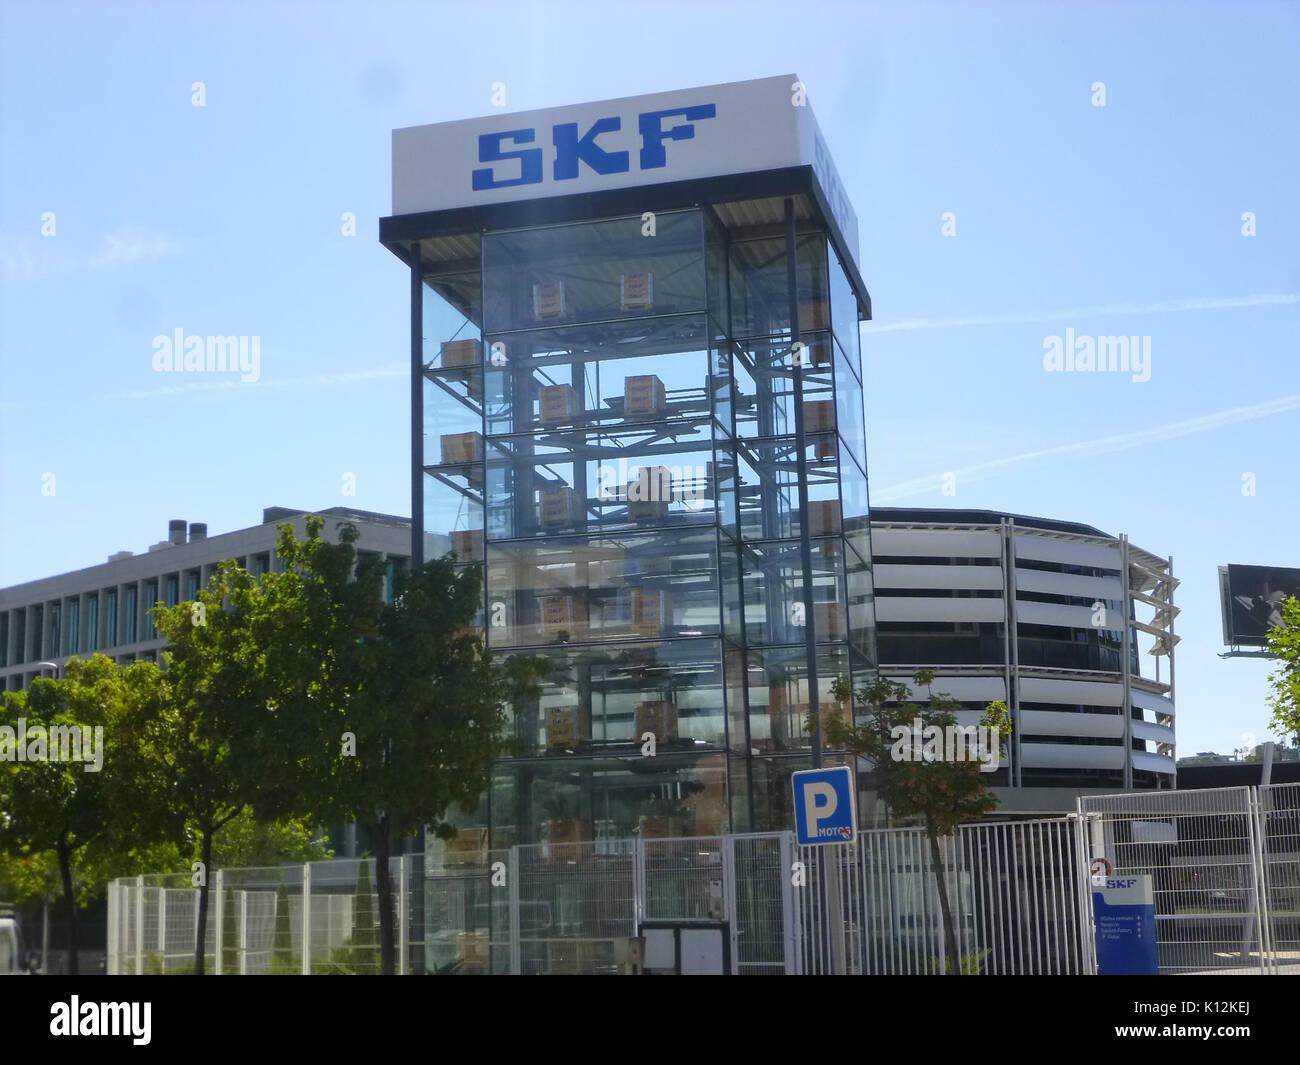 Alcobendas   La Moraleja, Parque Empresarial Arroyo de la Vega, Oficinas de SKF (3) - Stock Image